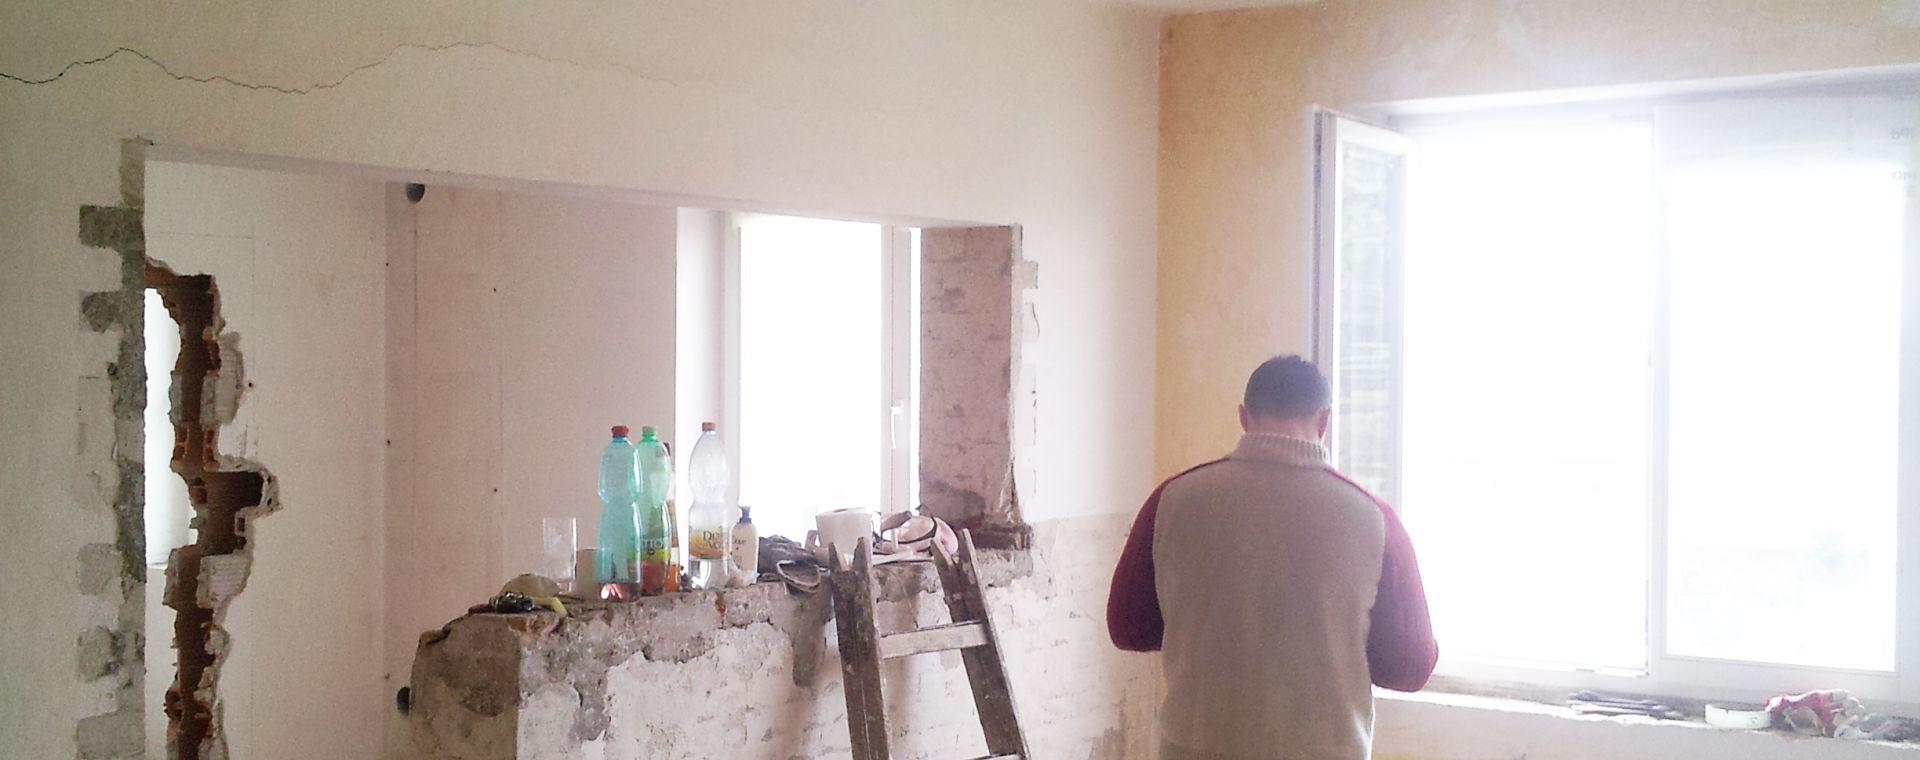 Reconstruction of the apartment on the Náměstí republiky square, Žďár nad Sázavou, 2013-2014, CZ